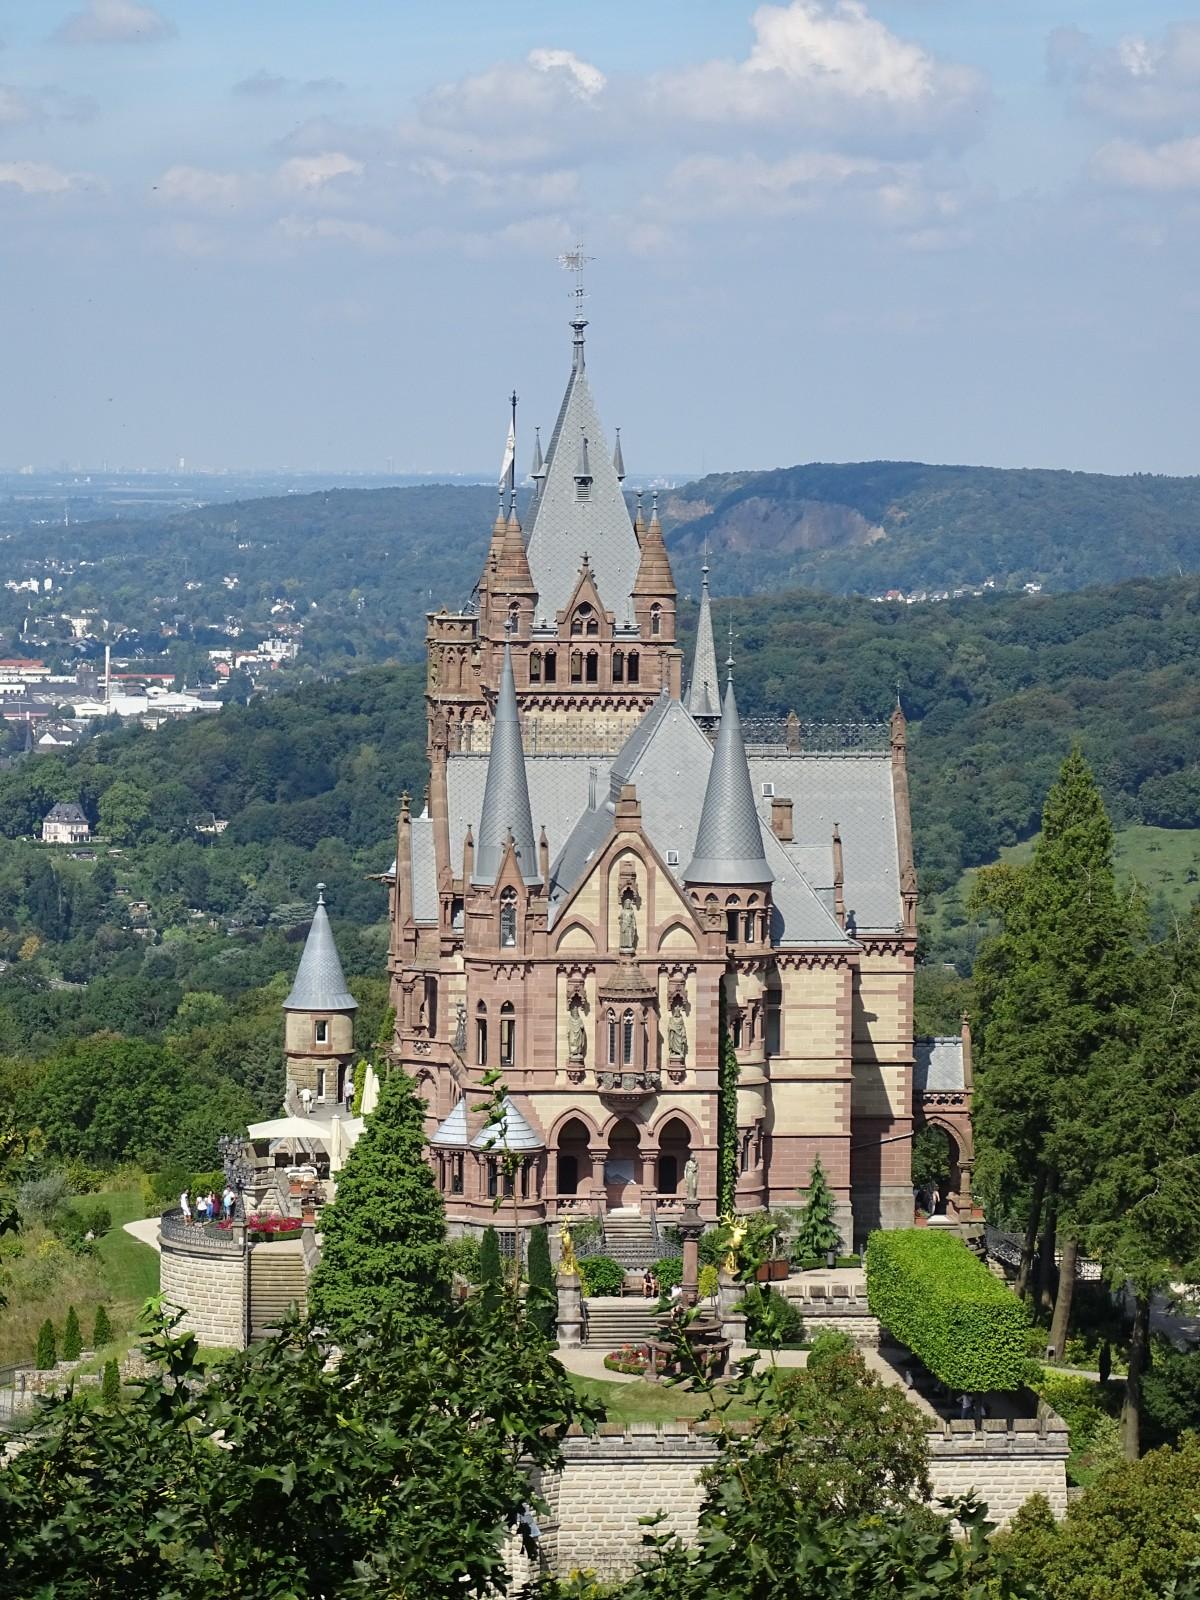 Kostenlose foto : die Architektur, Stadt, Gebäude, Chateau